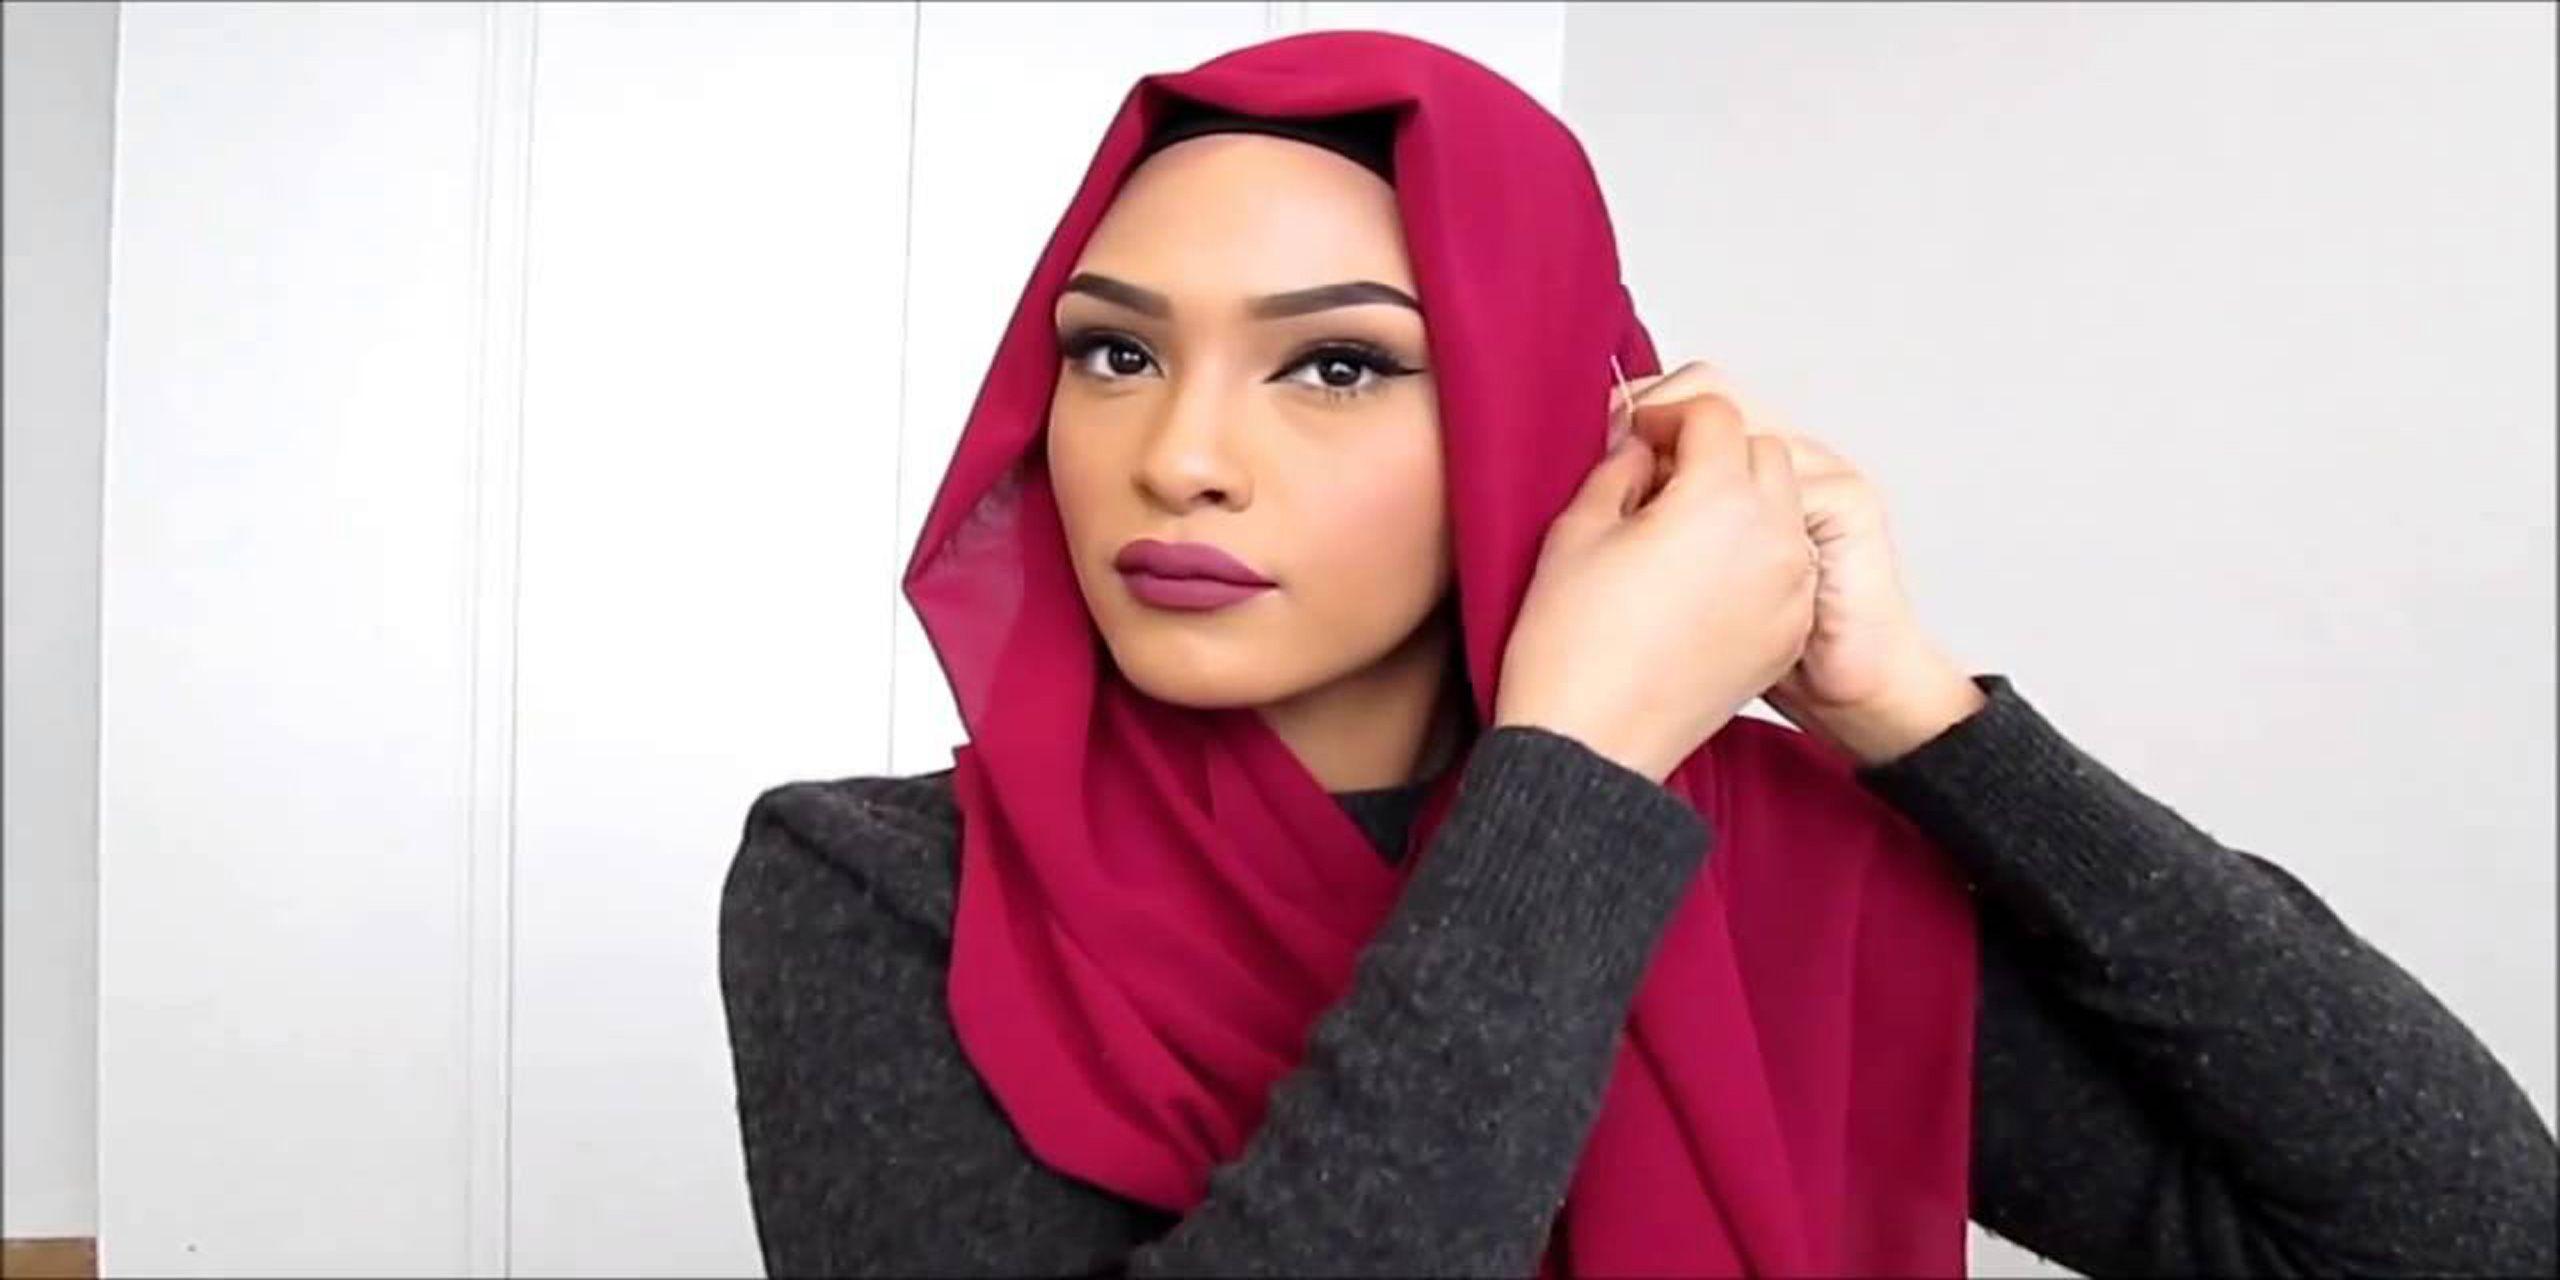 بالصور بنات كيوت محجبات , الحجاب واحدث صيحاته مع البنات الجمال 5461 6